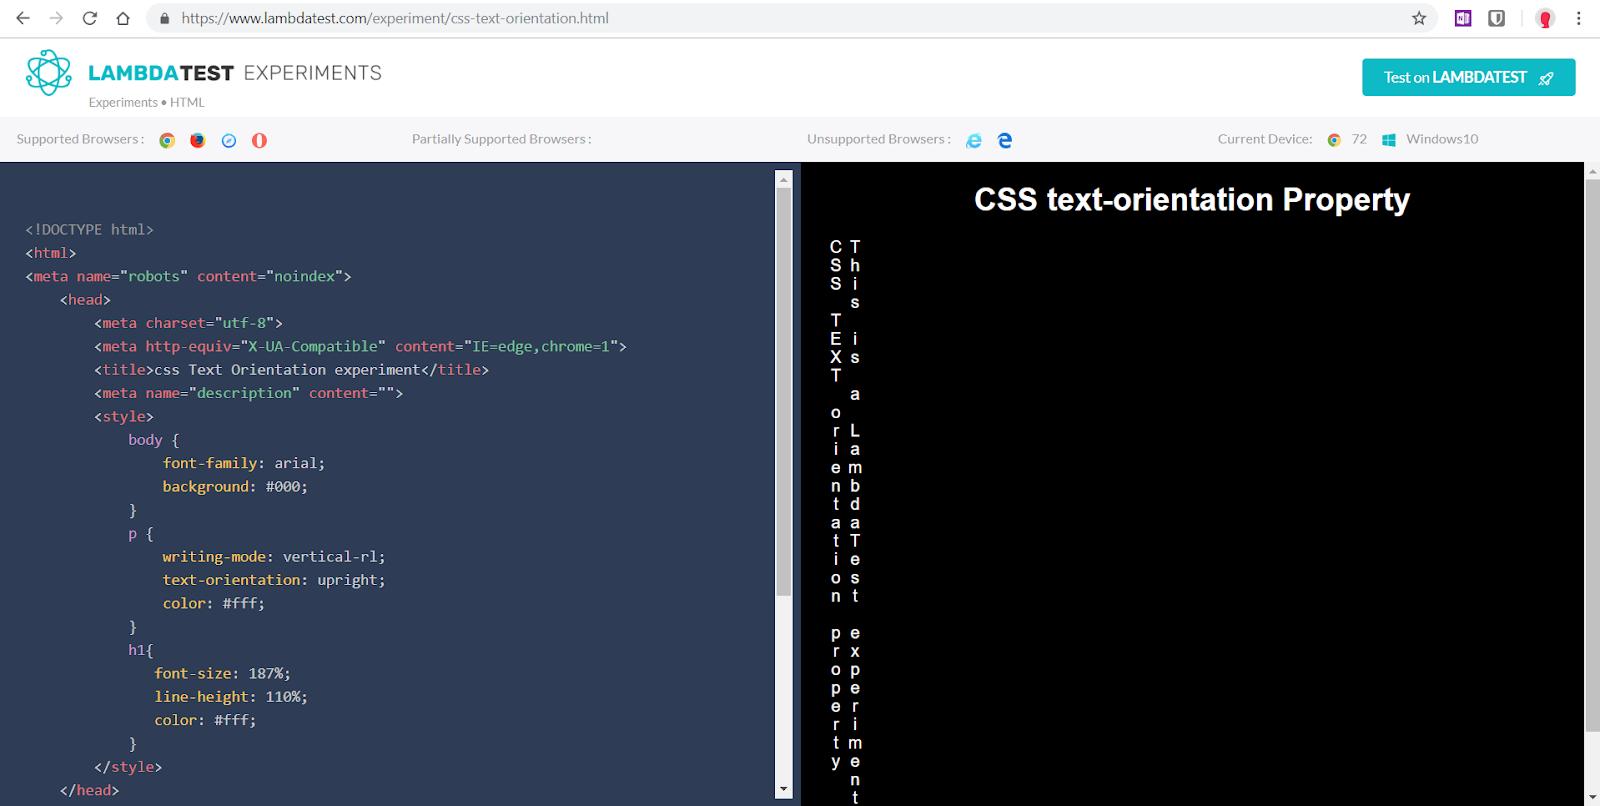 Lambdatest Experiments - CSS vertical text-orientation